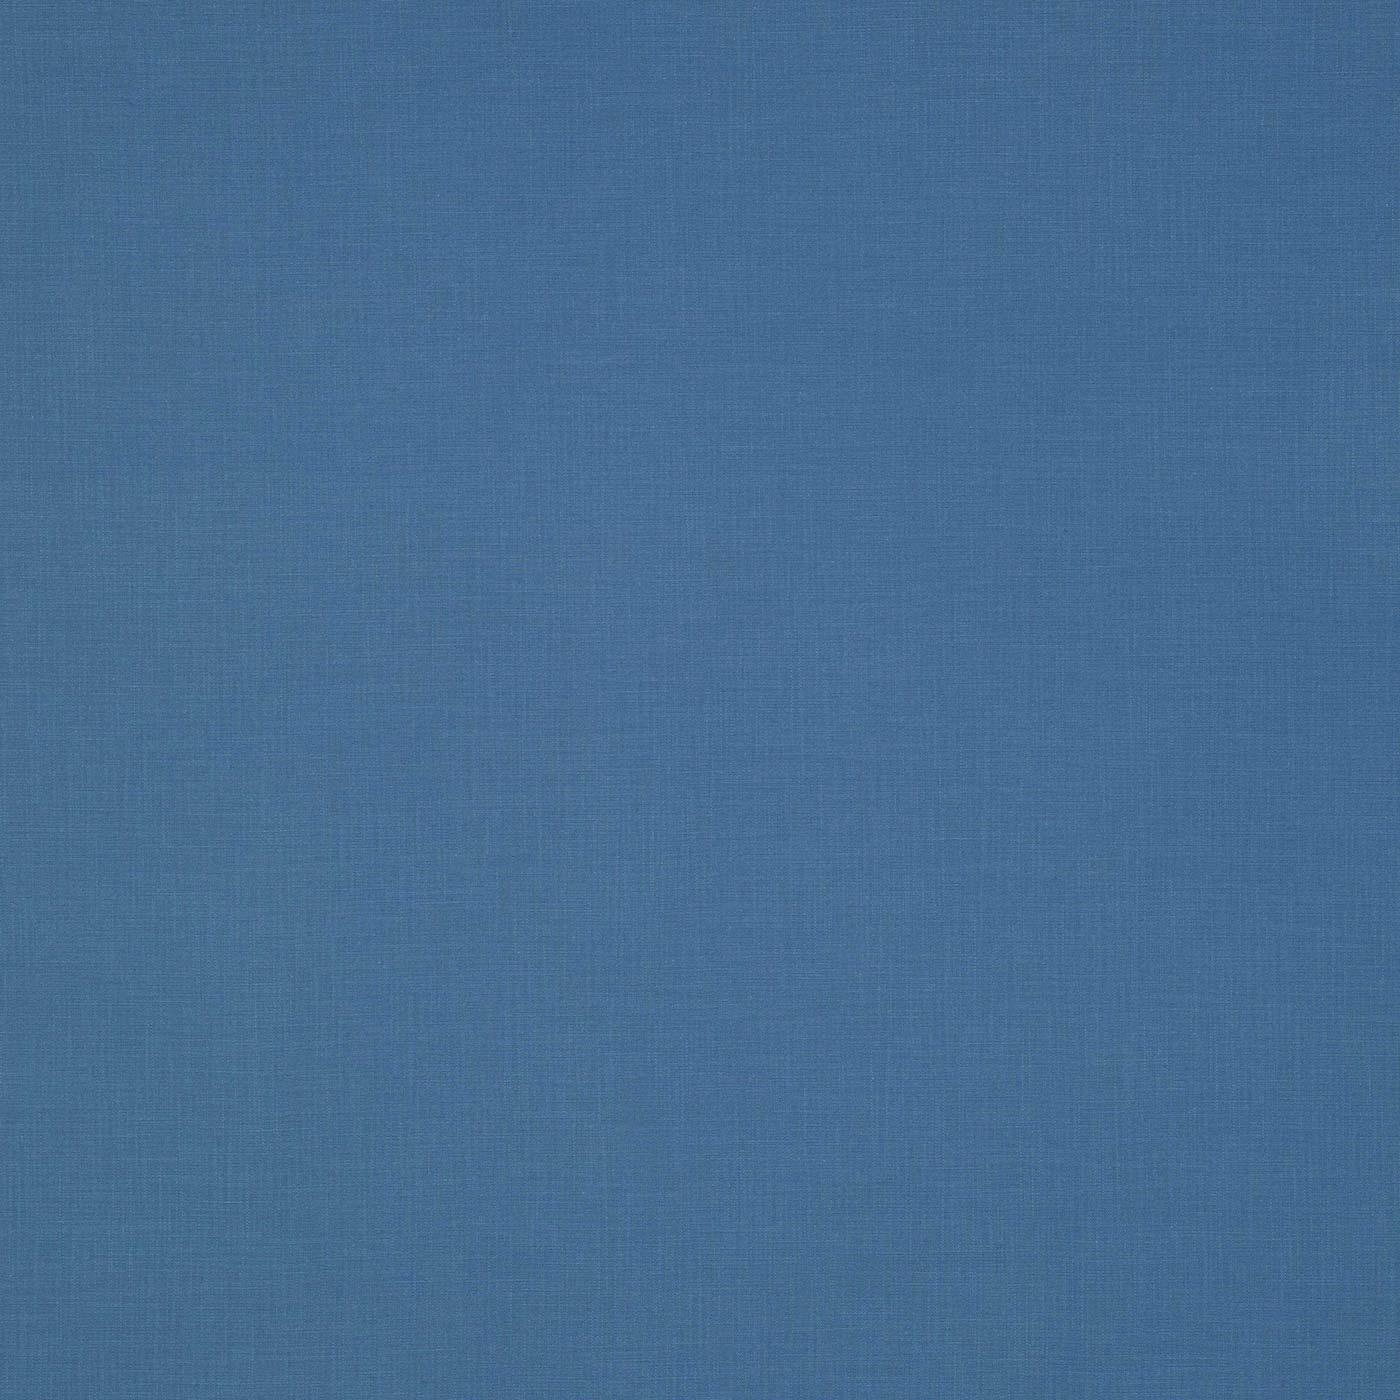 Hartely Bluebell